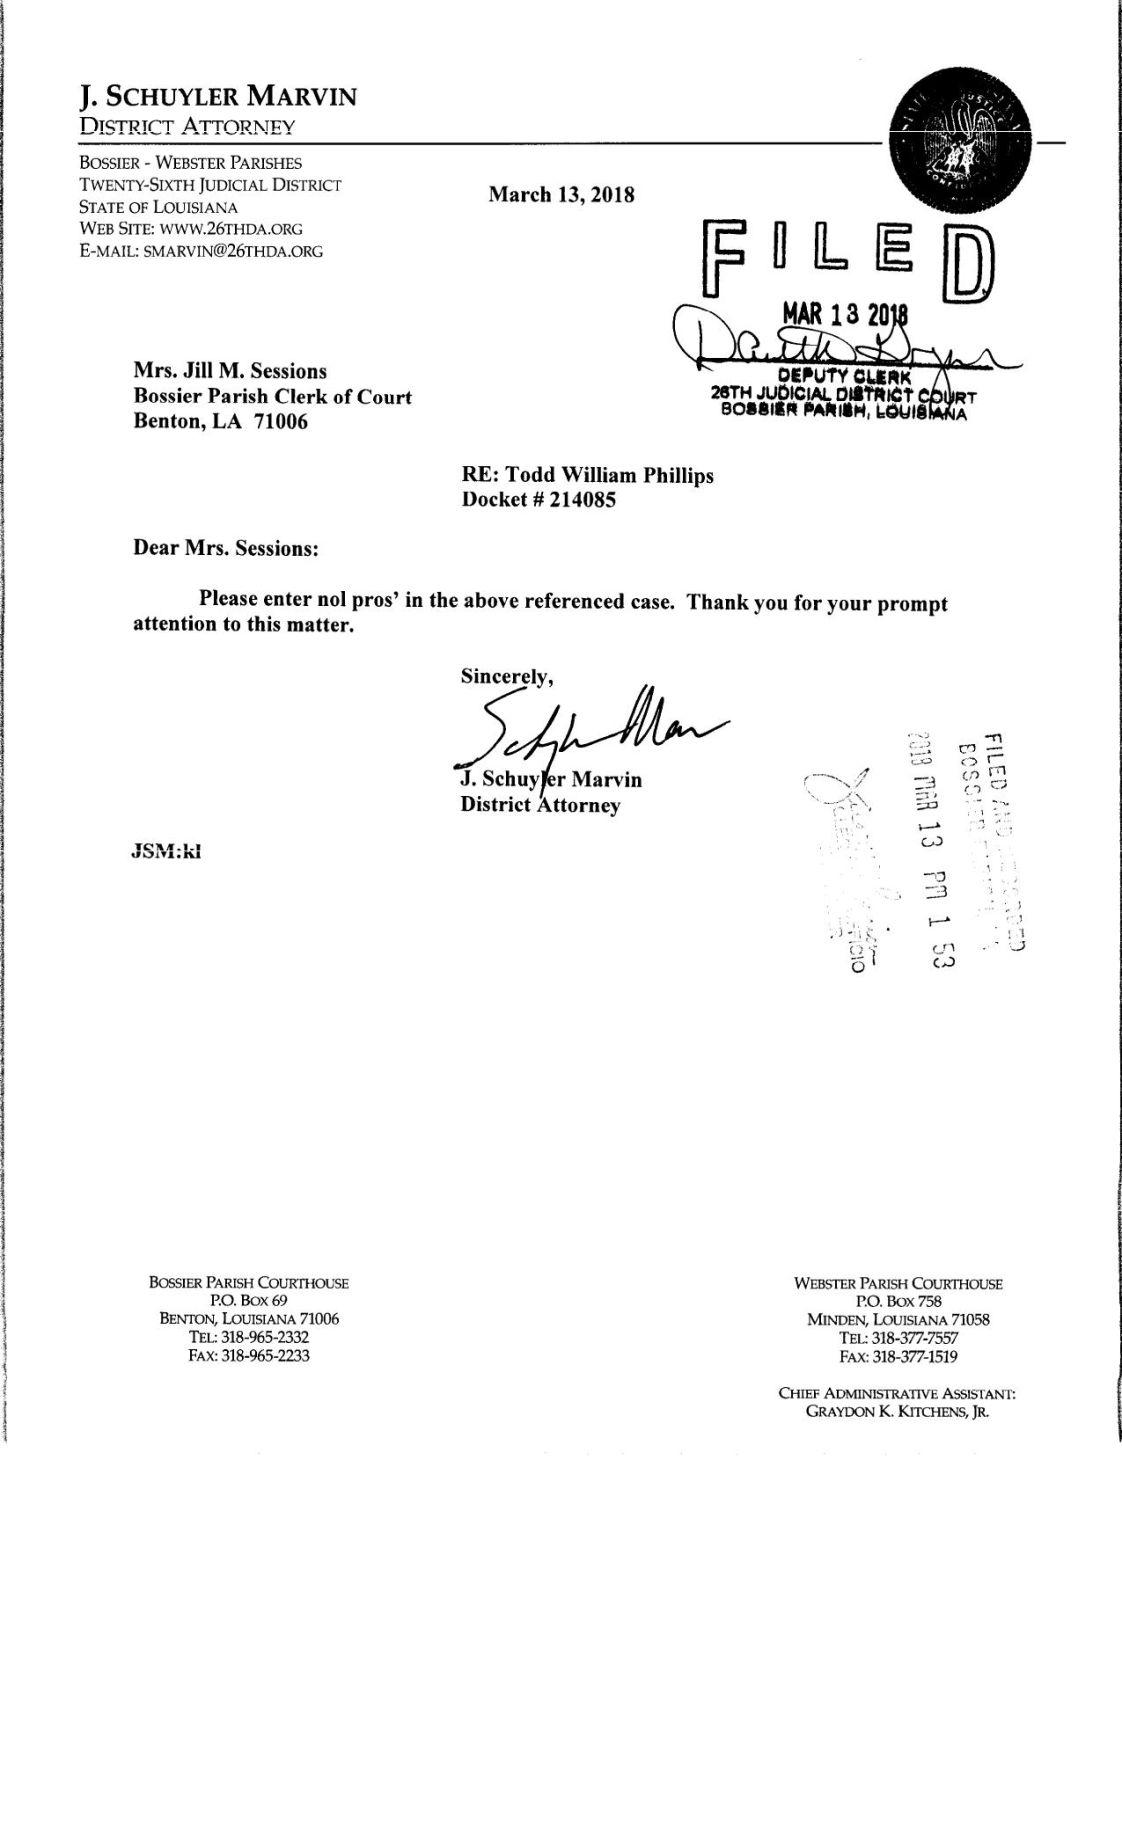 Todd Phillips dismissal letter     ktbs com